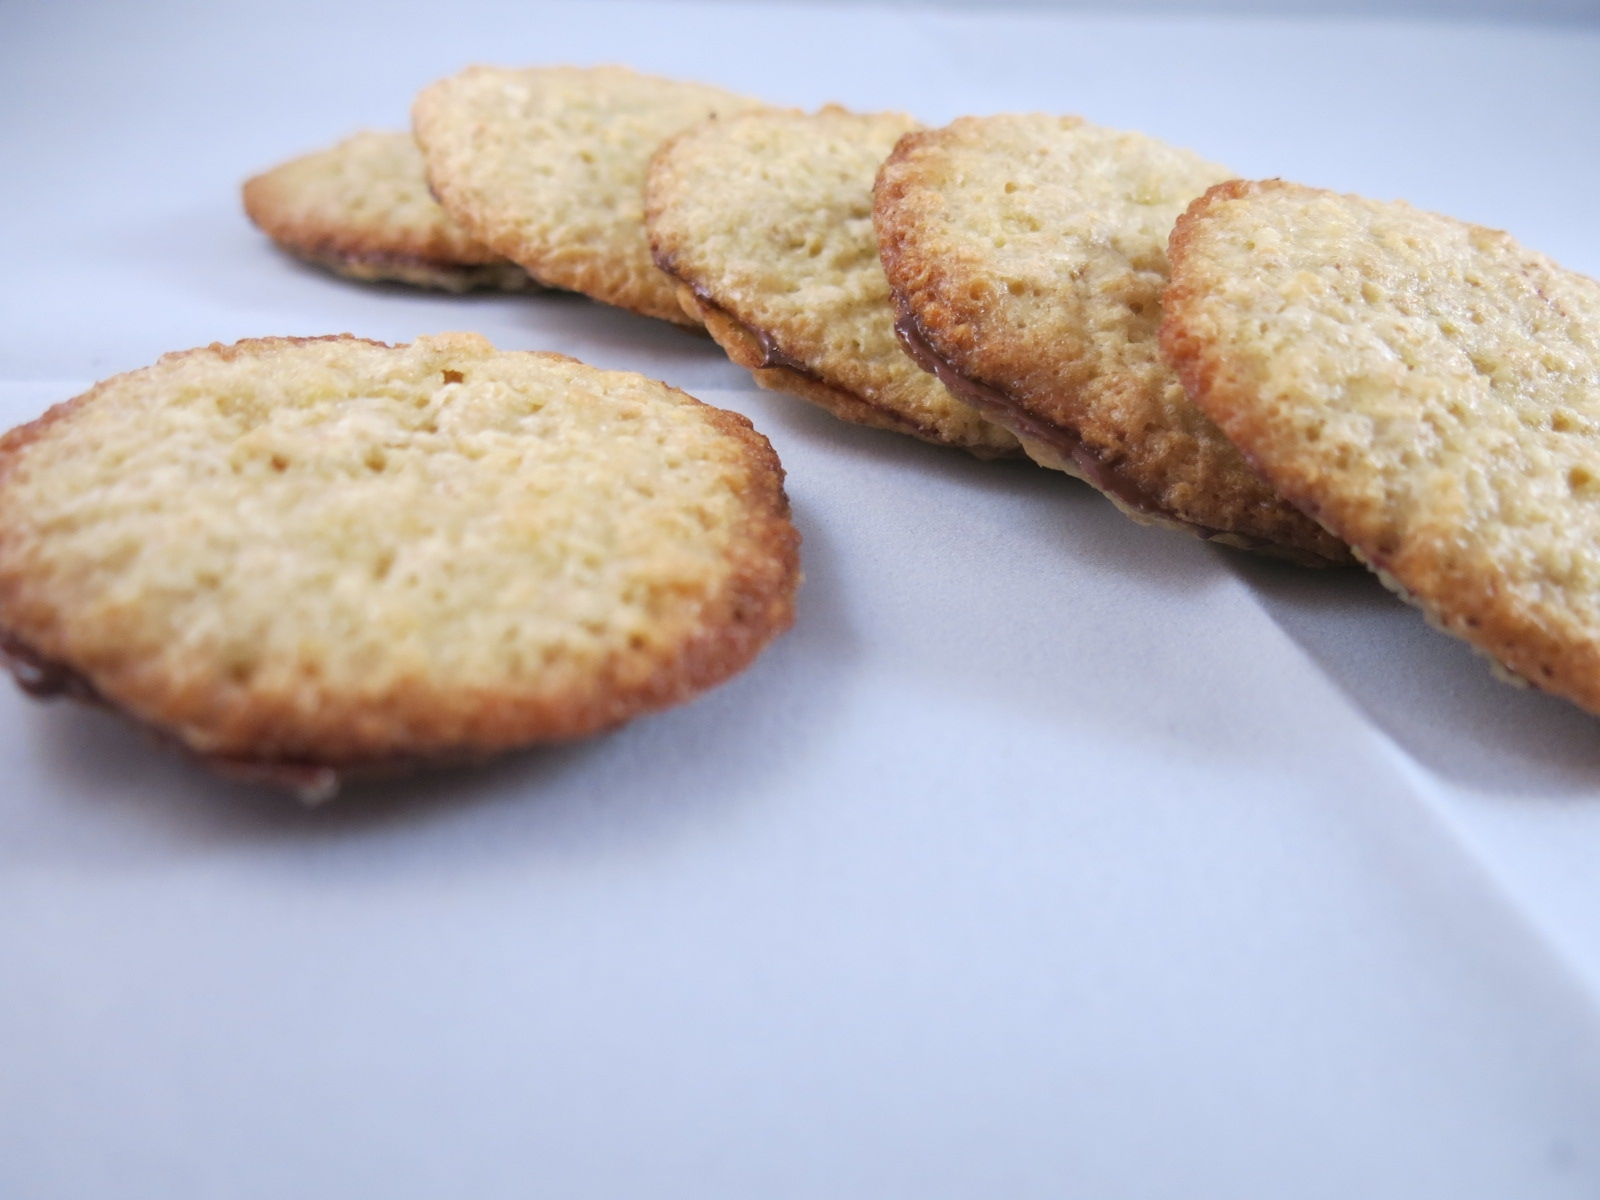 Gâteau « Ikéa » : Havreflarn, les petites galettes suédoises aux flocons d'avoine